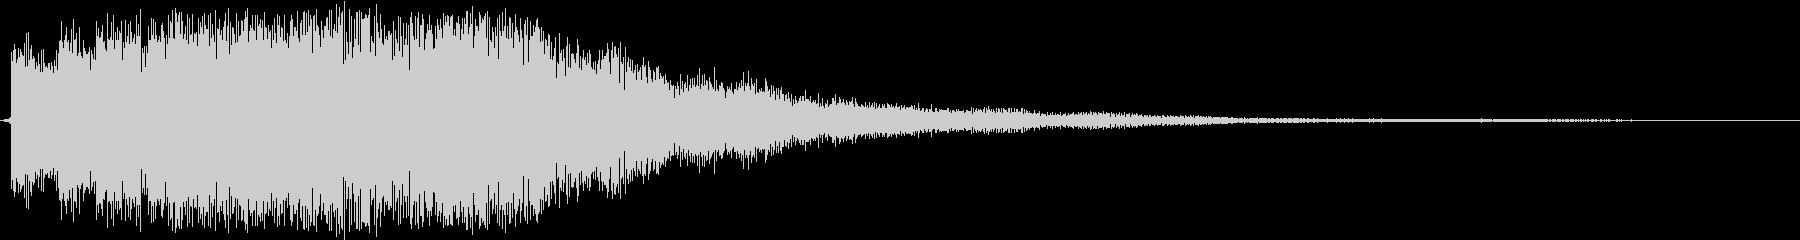 連続したベルの音の未再生の波形